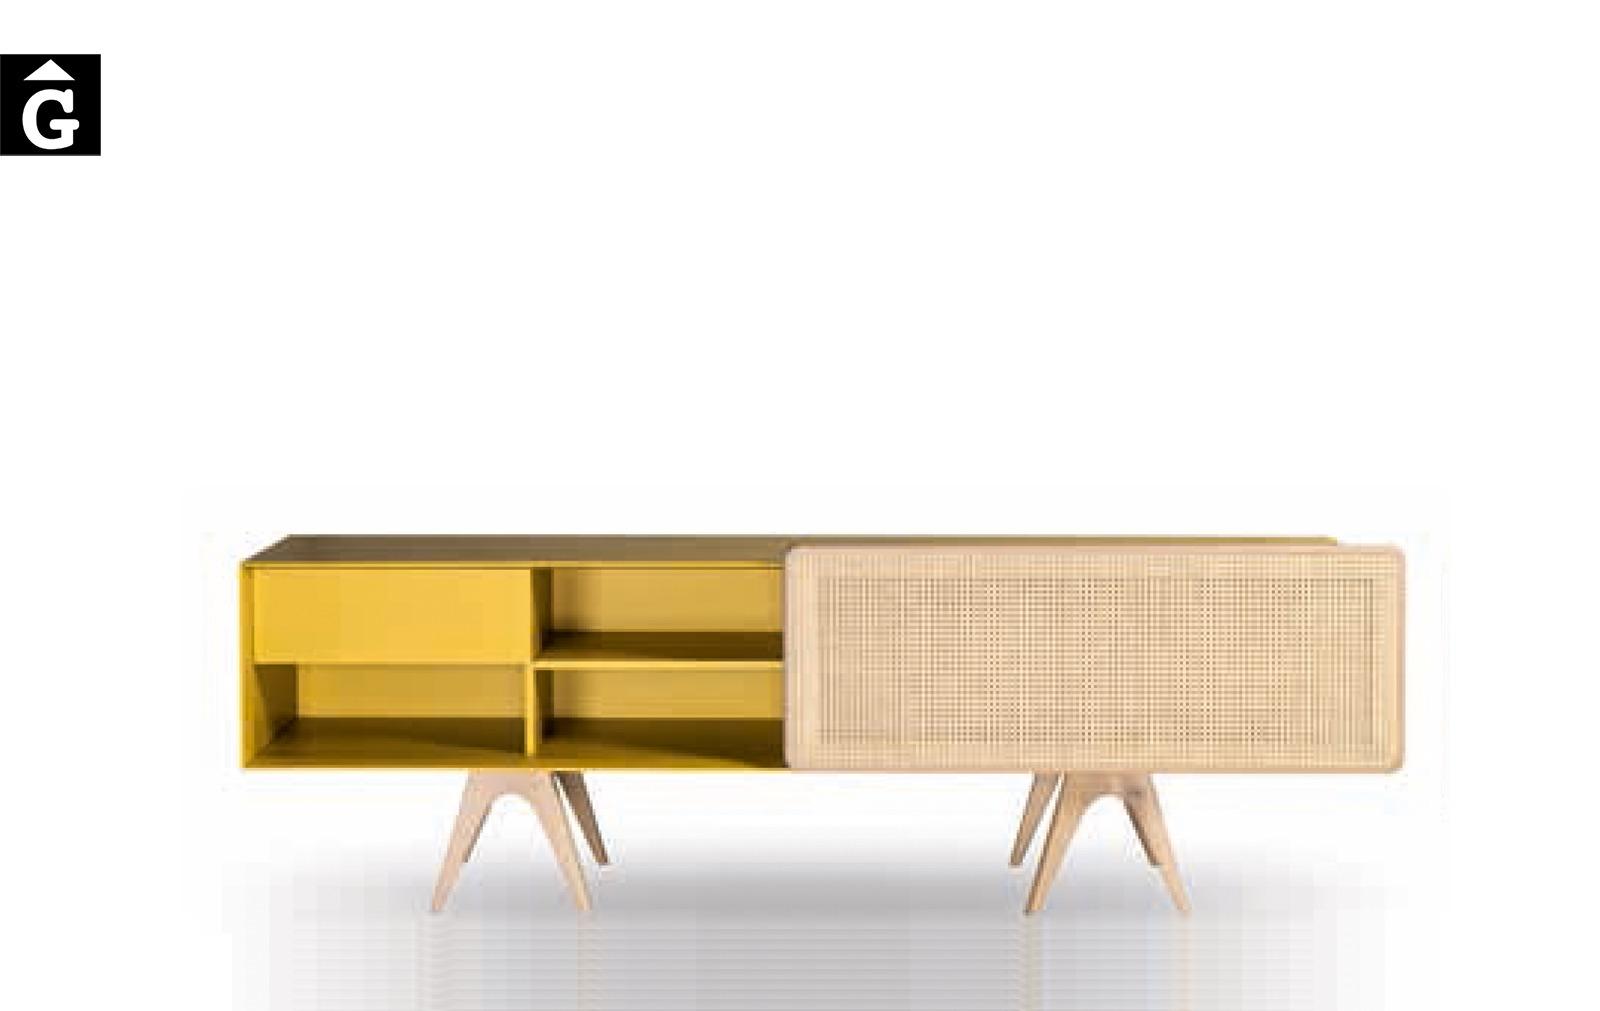 25 1 Bo-em al2 fabricant de mobles Grec distribuïdor mobles Gifreu